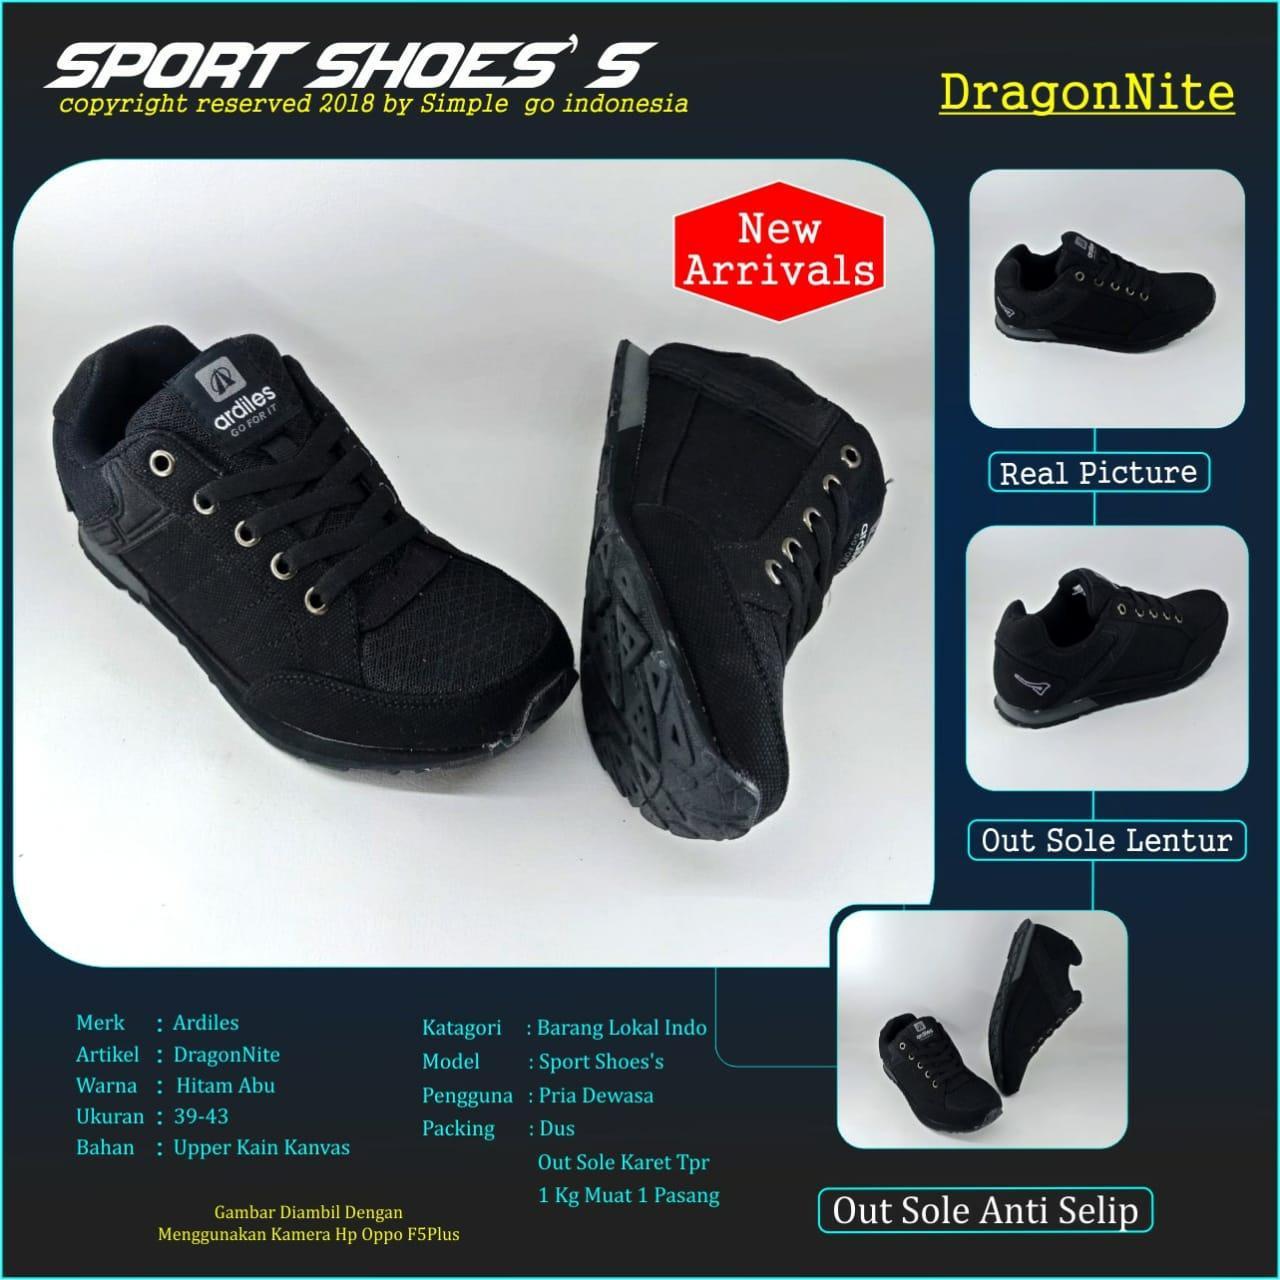 Jual Sepatu Sandal Ardiles Terbaik Men Alejandro Slip On Abu 41 Running Dragonite Pria Dewasa 39 43